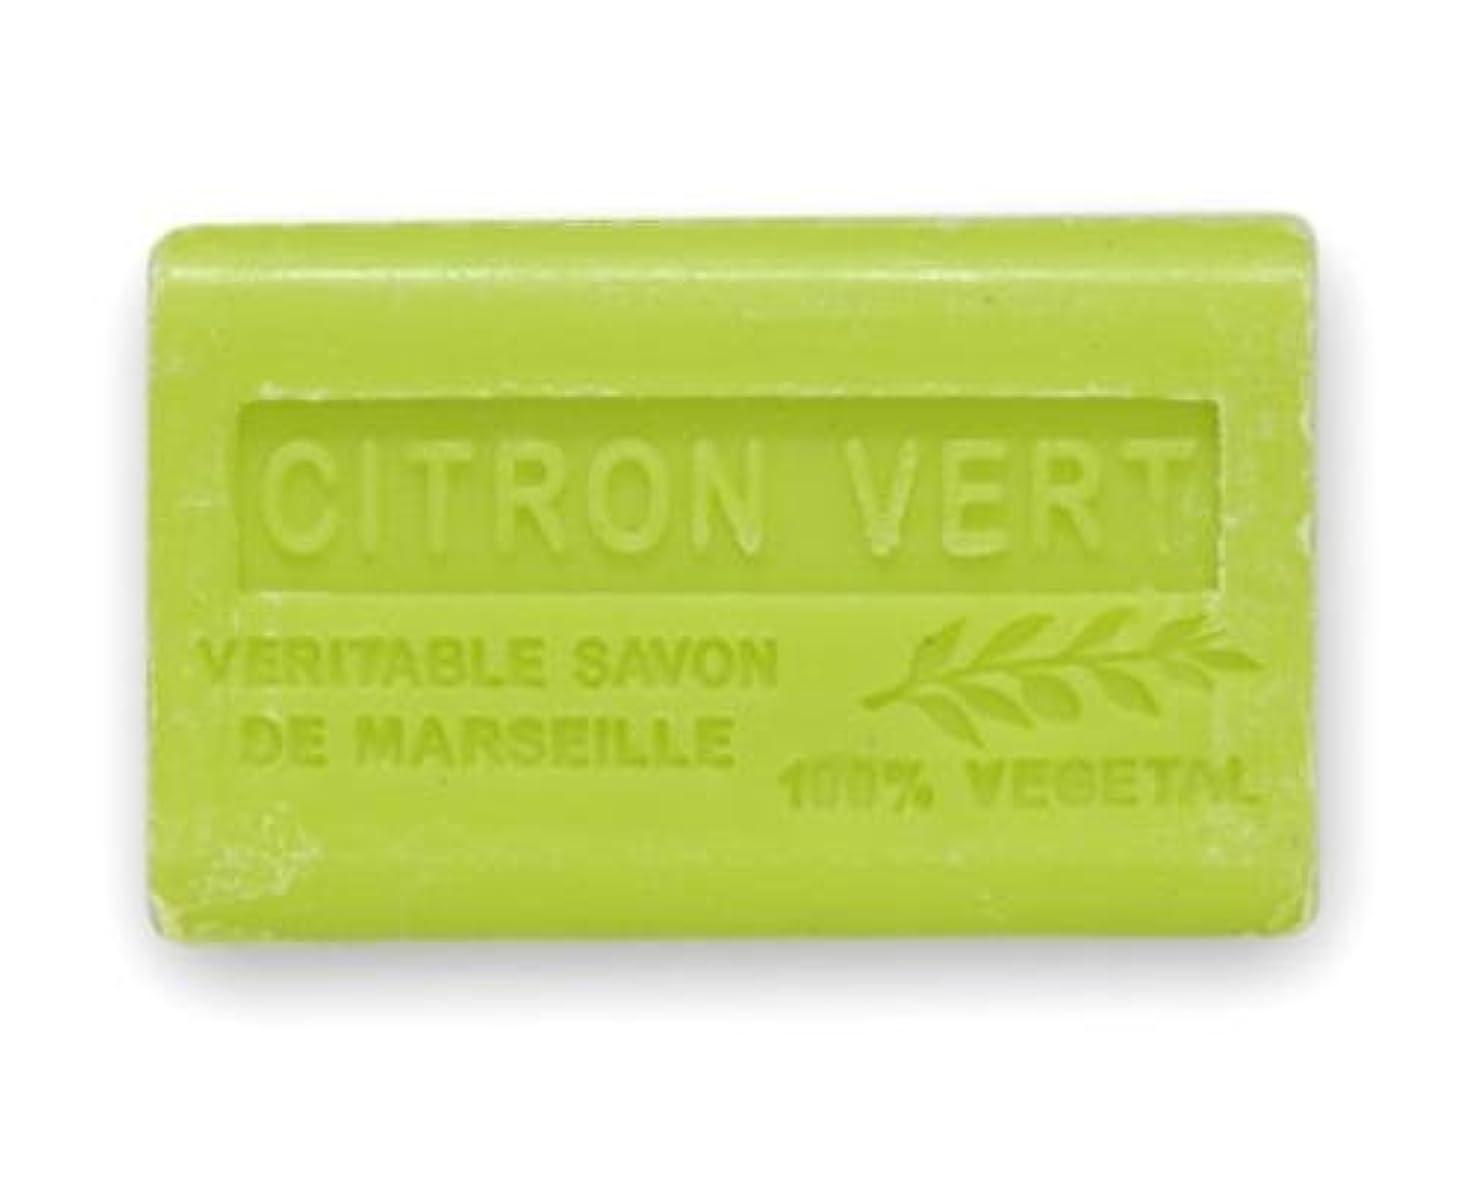 作動する置換開示するサボヌリードプロヴァンス サボネット 南仏産マルセイユソープ ライムの香り